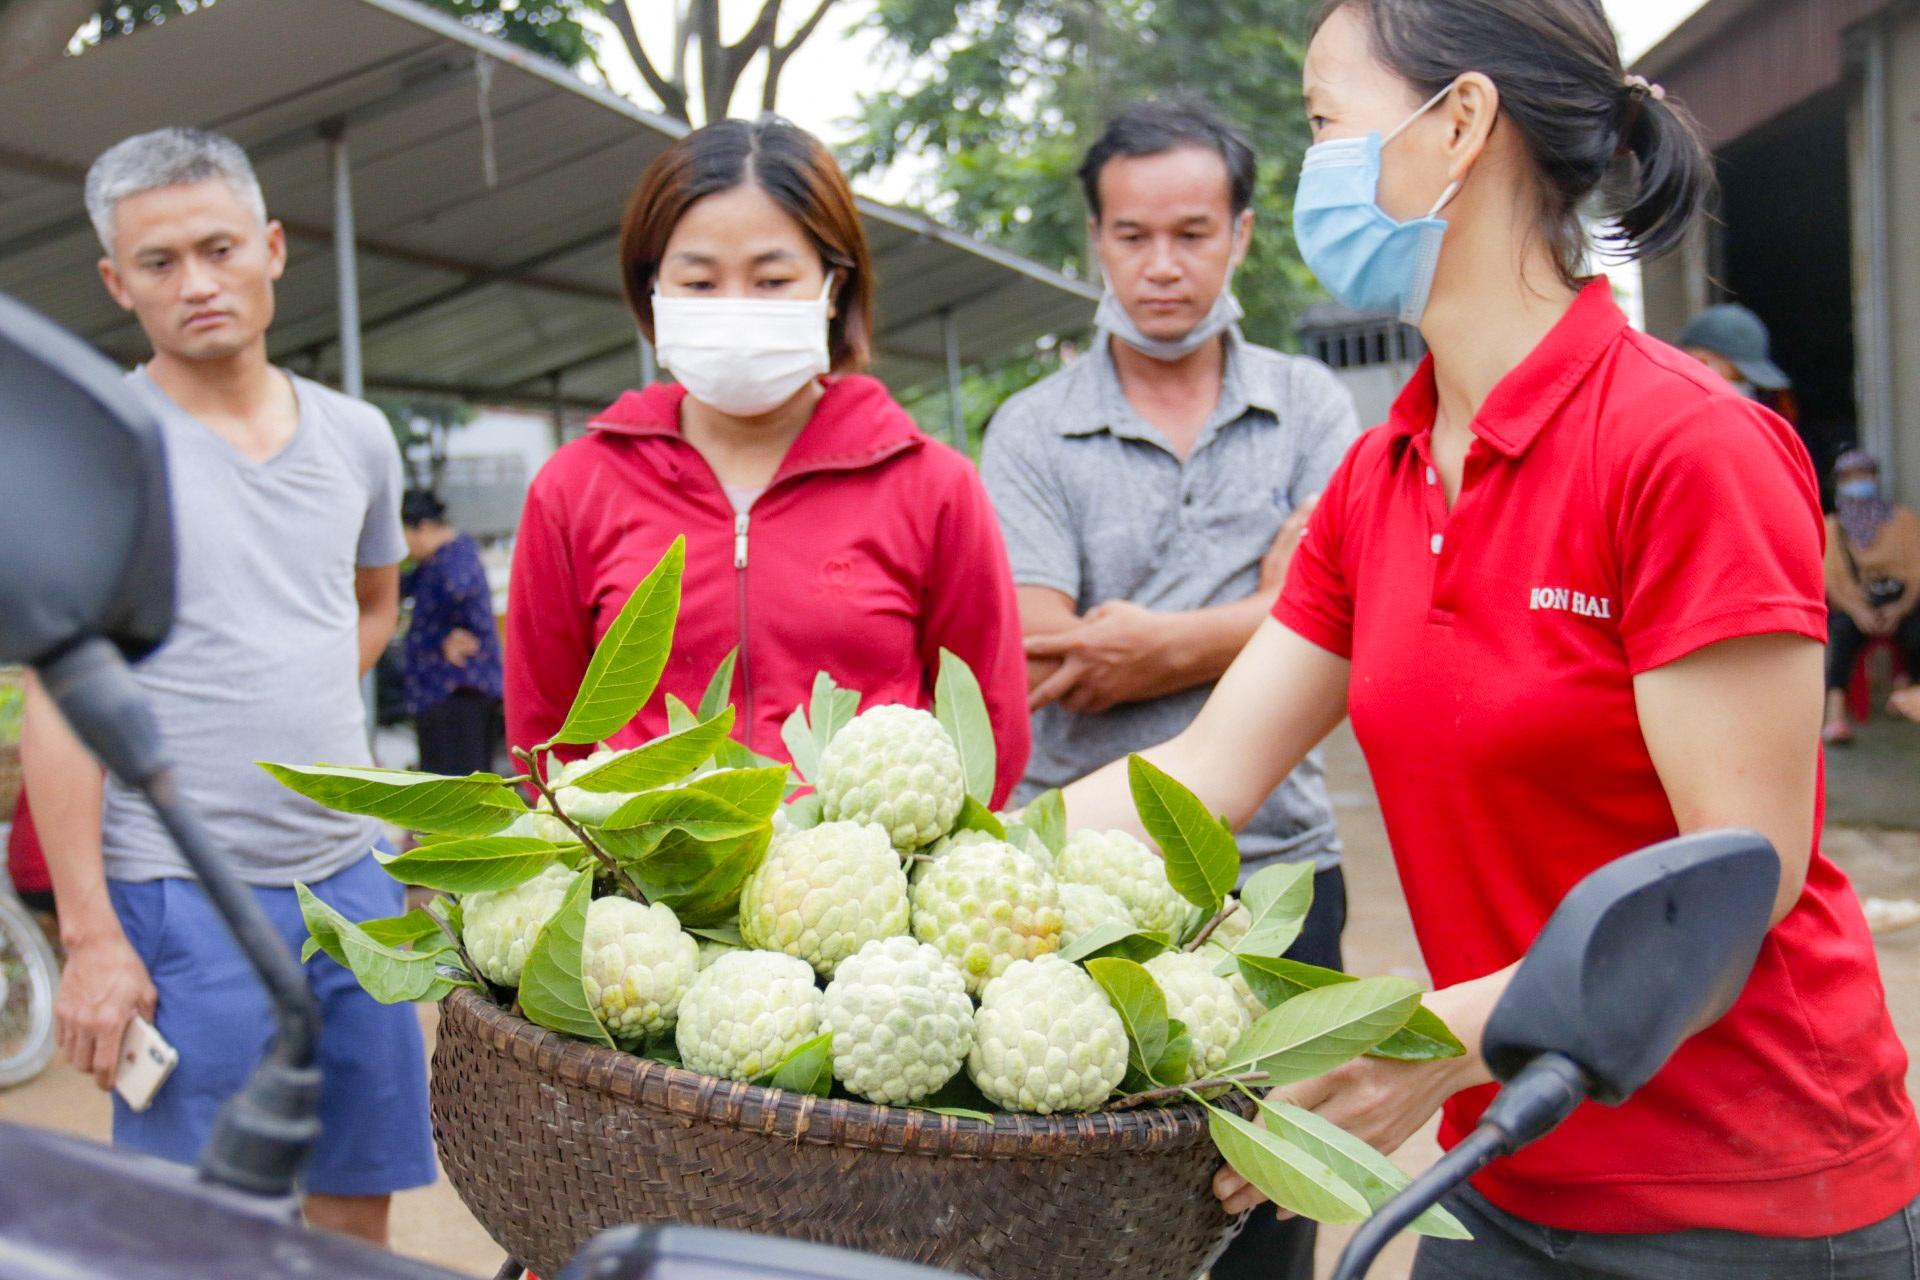 Thu hàng trăm tỷ đồng mỗi năm nhờ trồng loại quả vừa ngọt vừa dai - 3